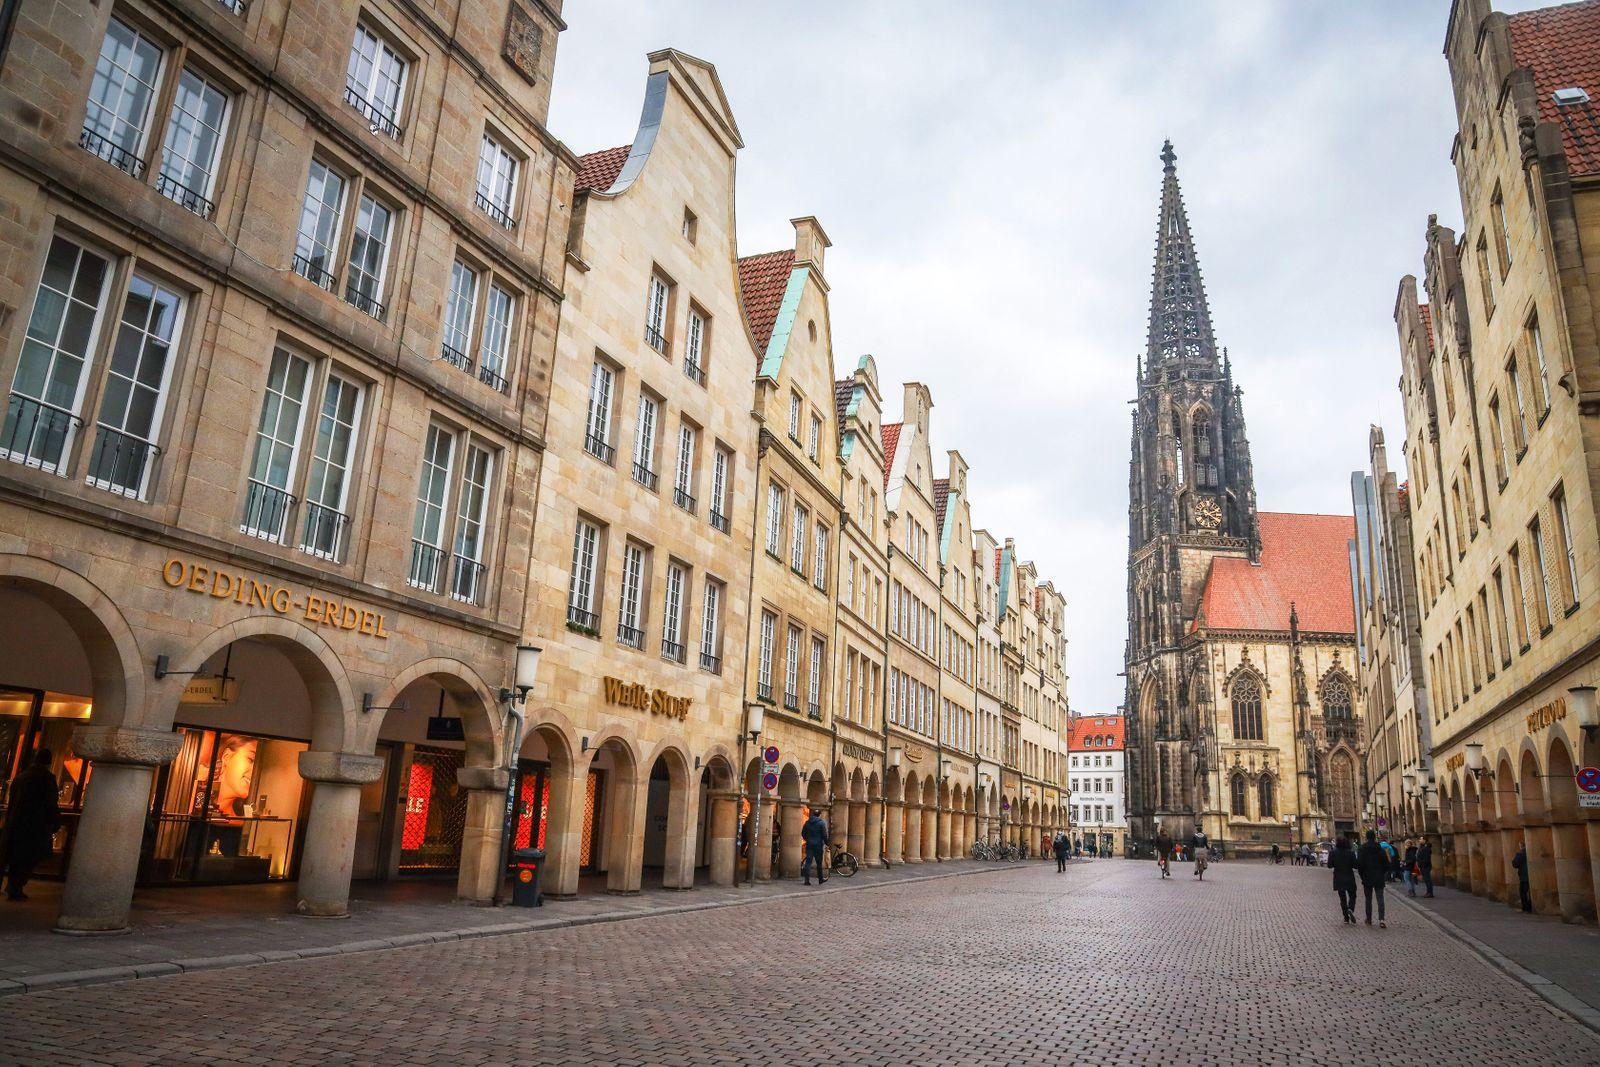 Lockdown in der Corona Krise DEU, Deutschland, Nordrhein-Westfalen, M¸nster, 23.01.2021: Leere Einkaufsstrasse, geschlo